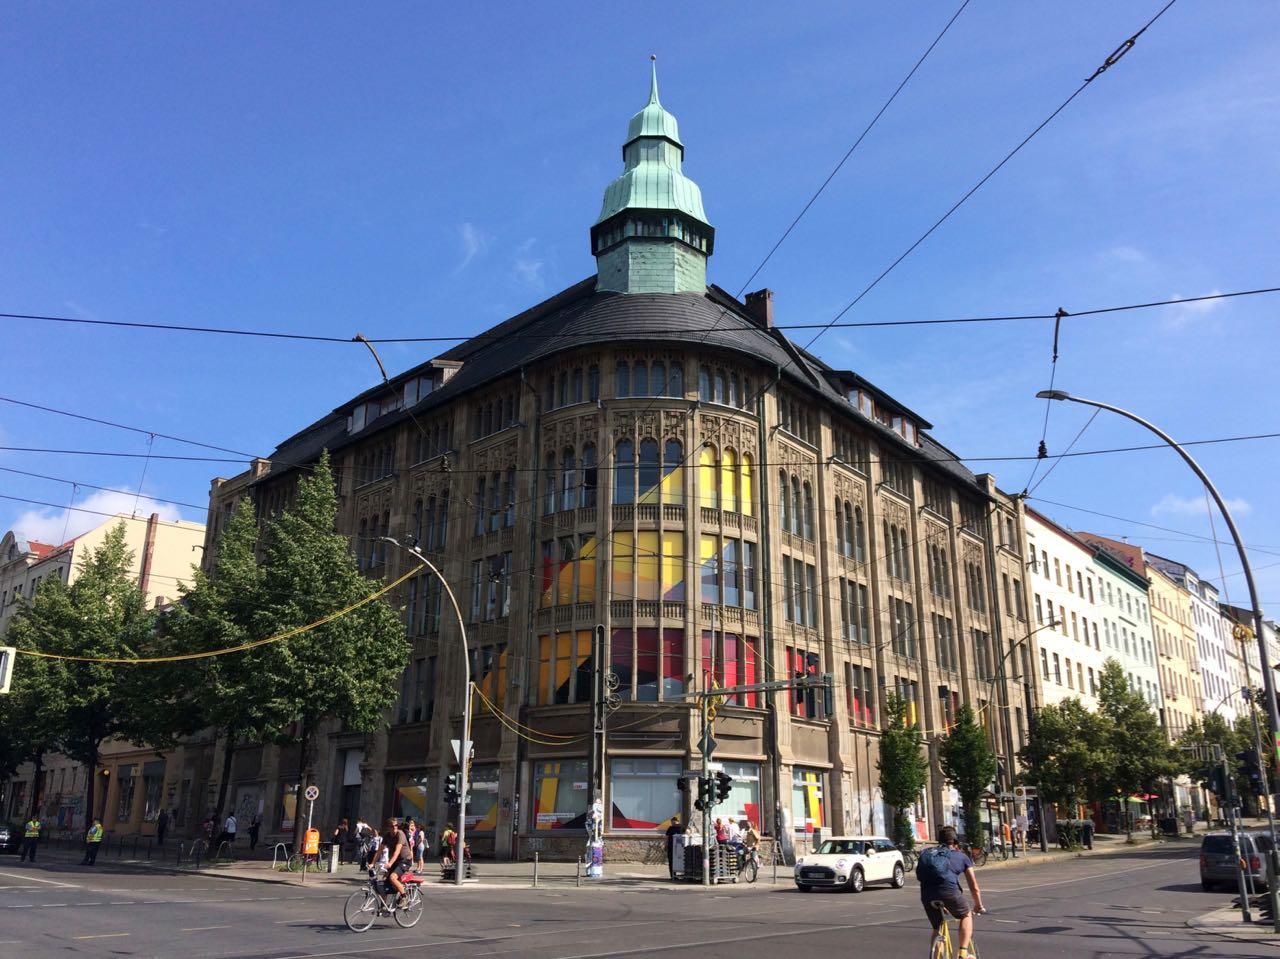 Kaufhaus Jandorf / ヤンドルフ百貨店